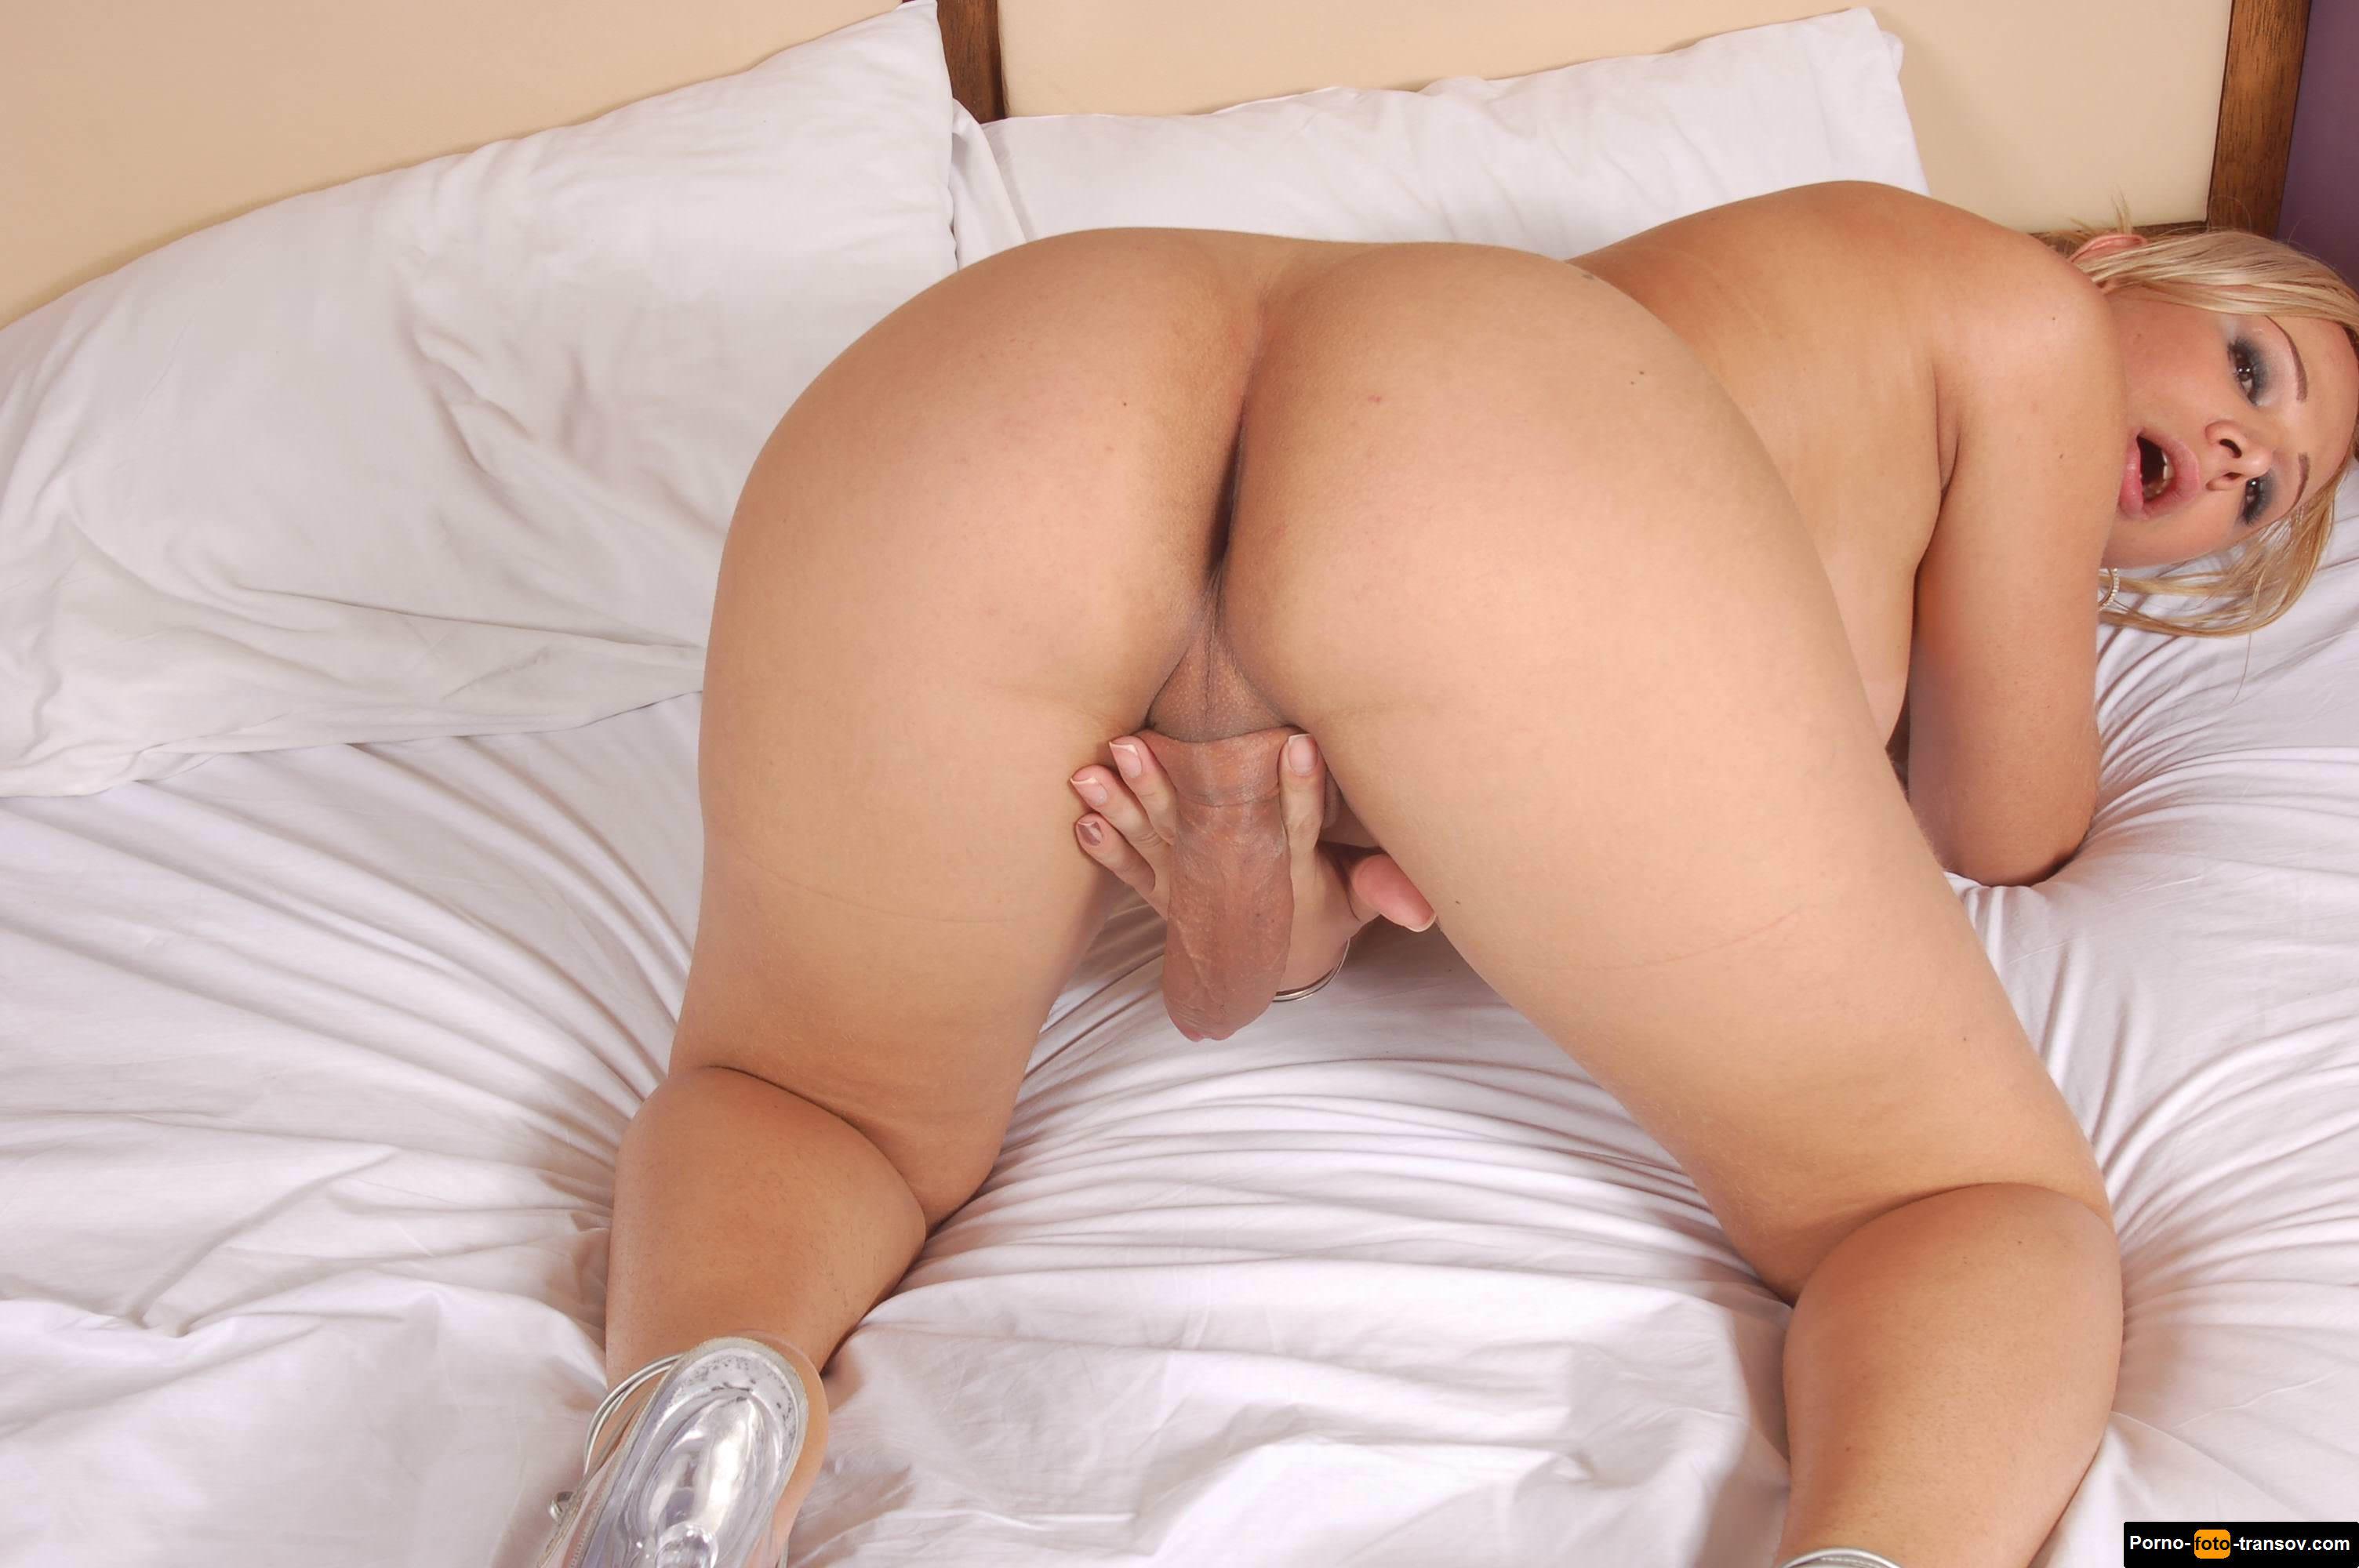 Порно огромным хуем в спальне, порно с черной шлюхой в корсете